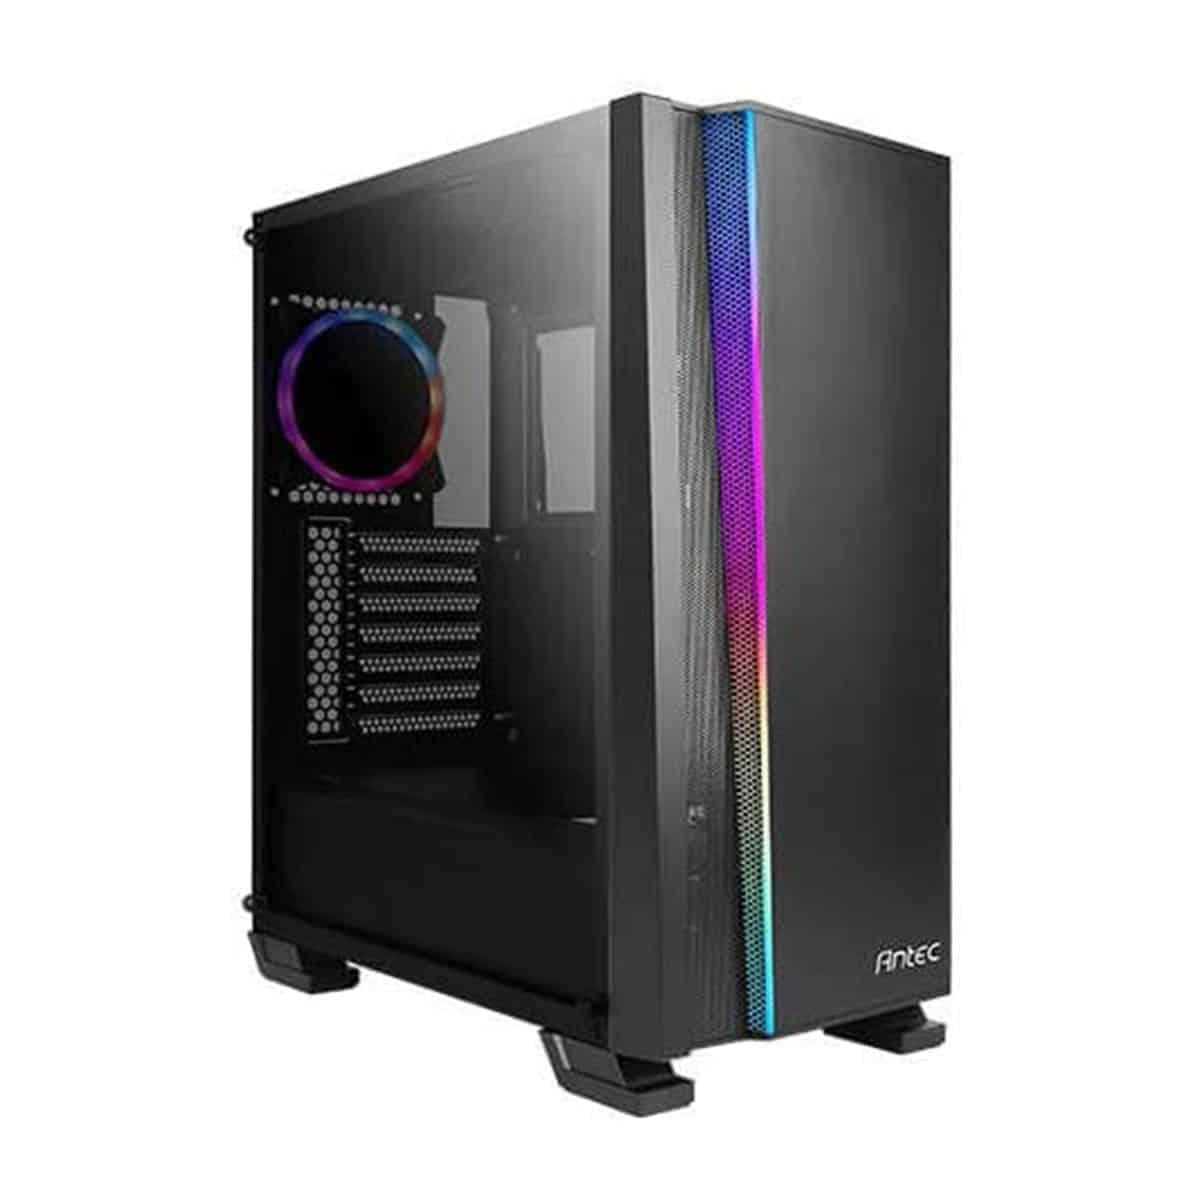 ANTEC NX500 ARGB